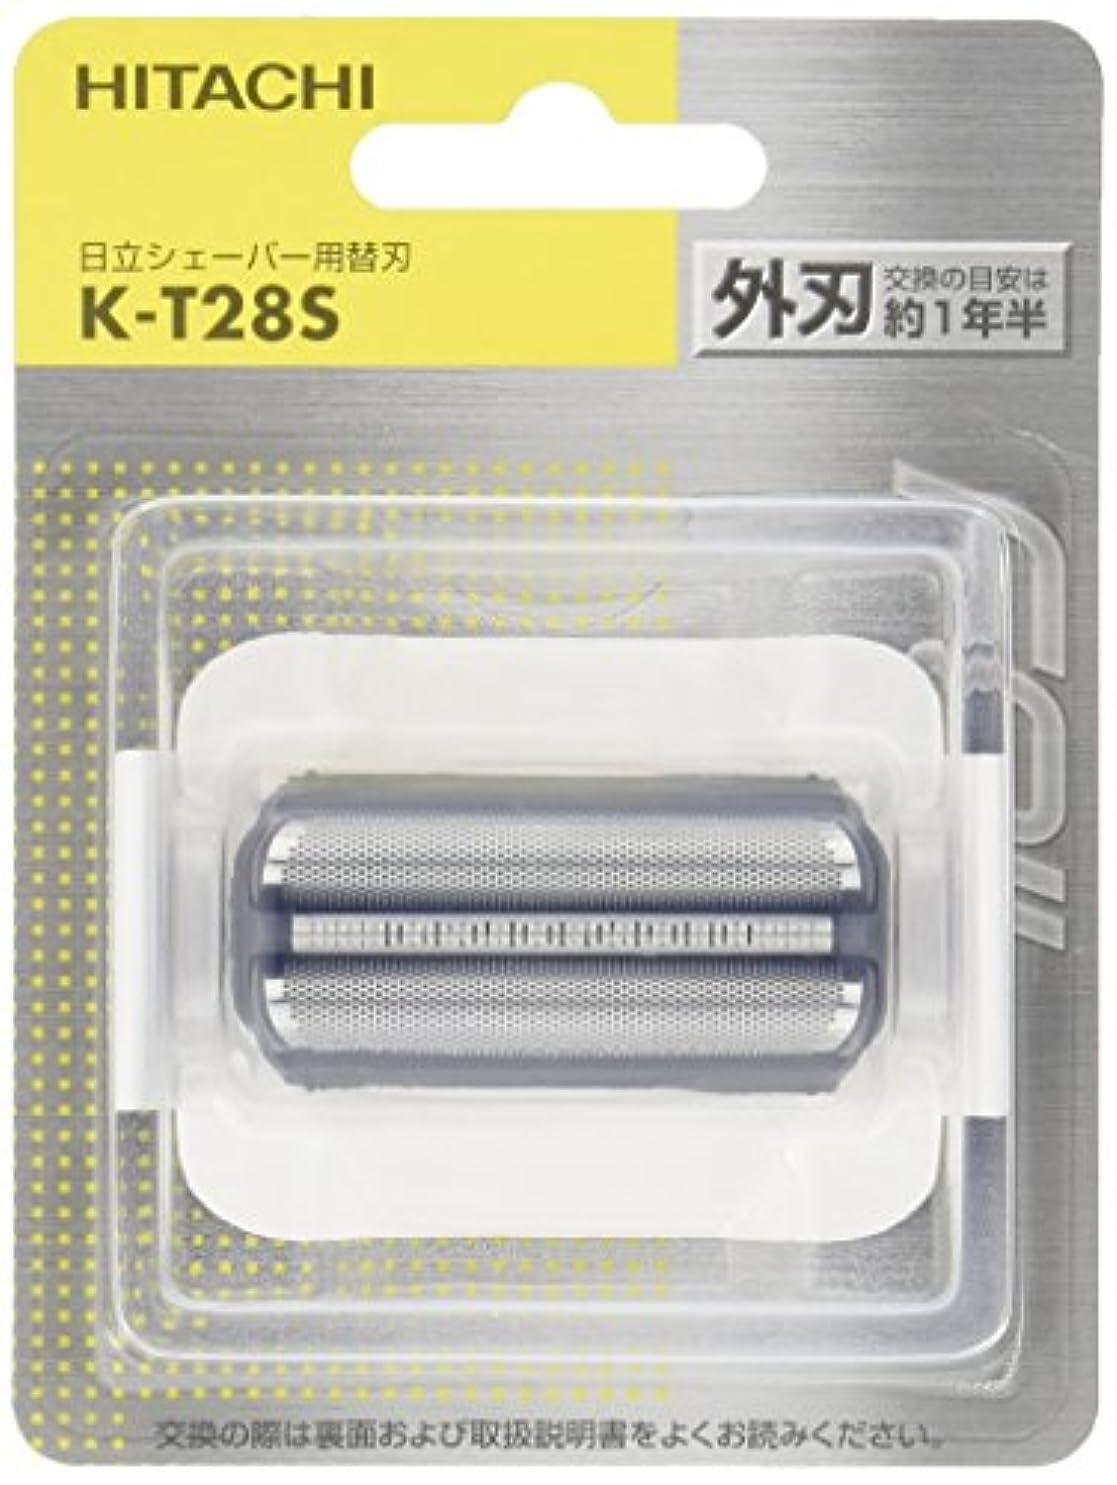 深く迷惑将来の日立 替刃 外刃 K-T28S